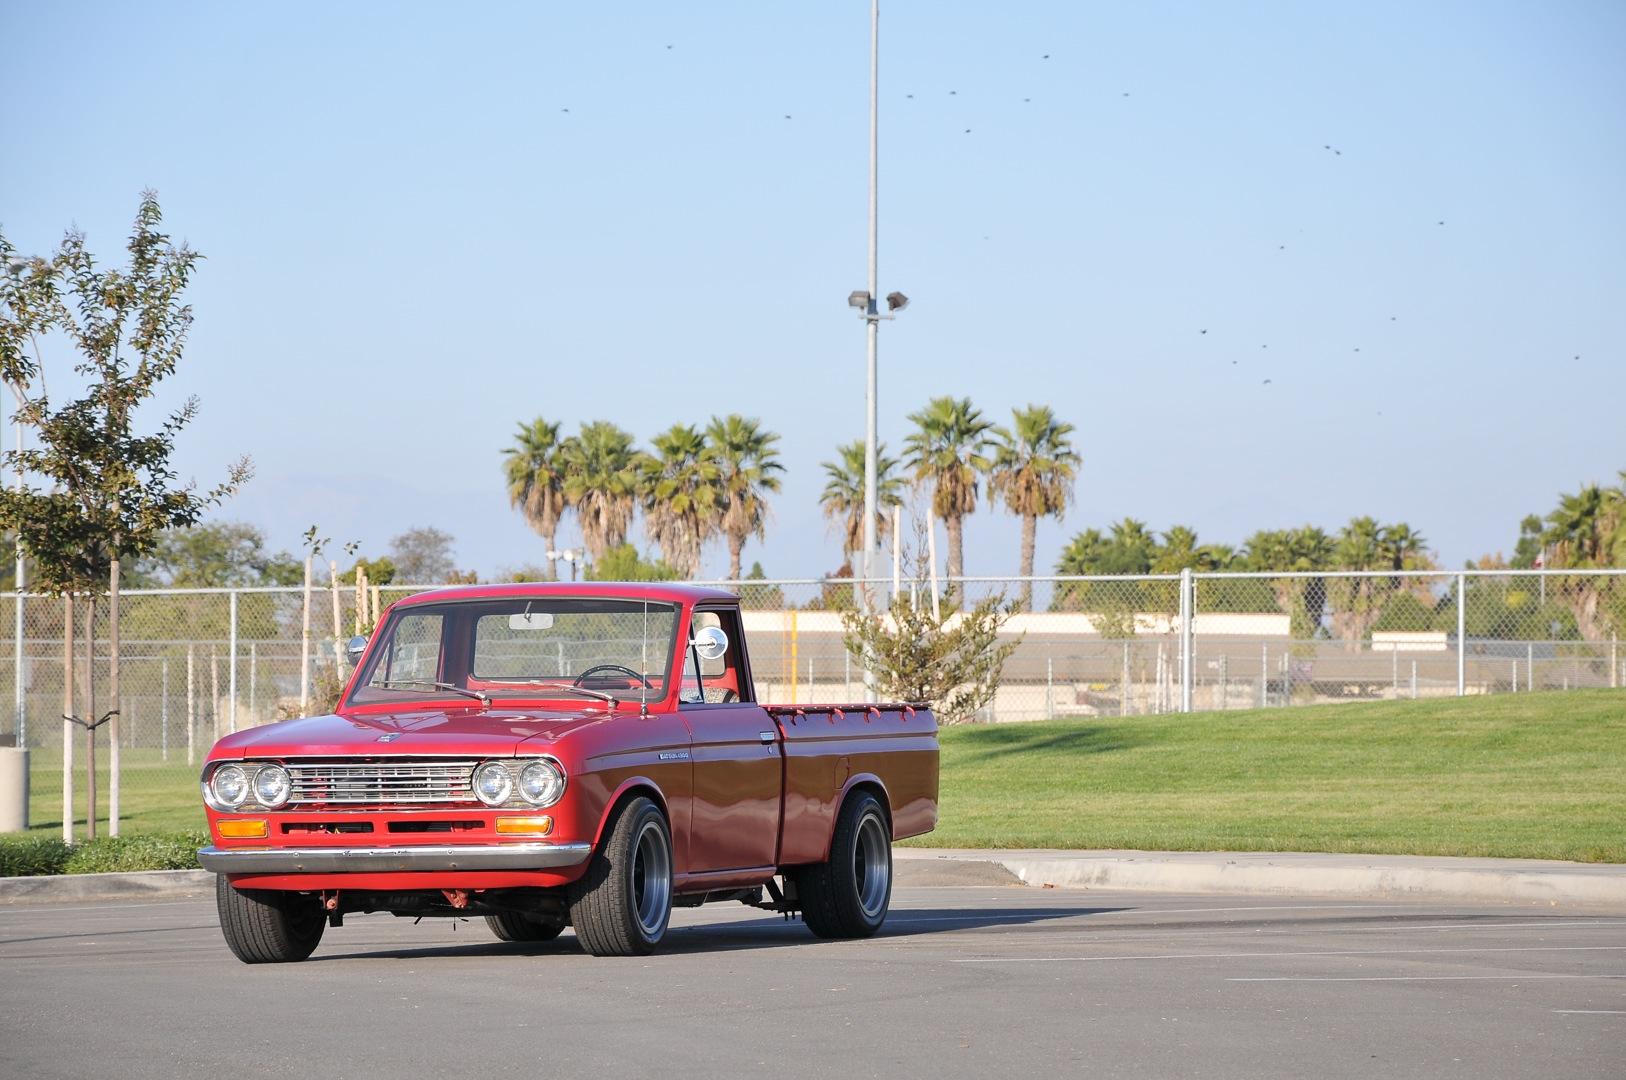 1969 Datsun 521 truck,Datsun 1300, Nissan ka24de